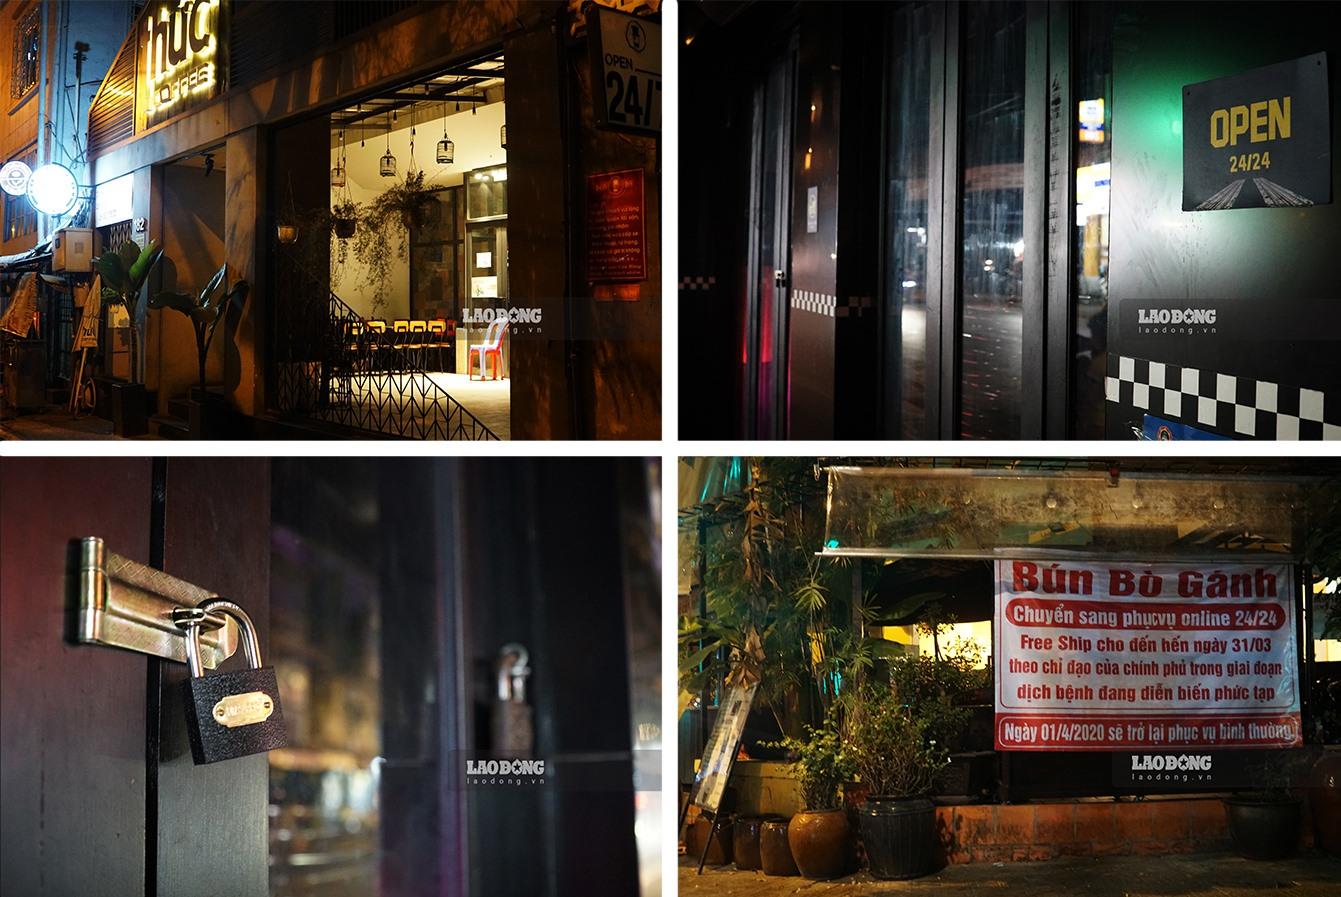 """""""Cửa khoá, then cài"""" là tình trạng chung của các cửa hàng kinh doanh ở Hà Nội và TPCM nhiều ngày nay. Nhiều cửa hàng đã chuyển sang hình thức kinh doanh online trong màu dịch COVID-19."""